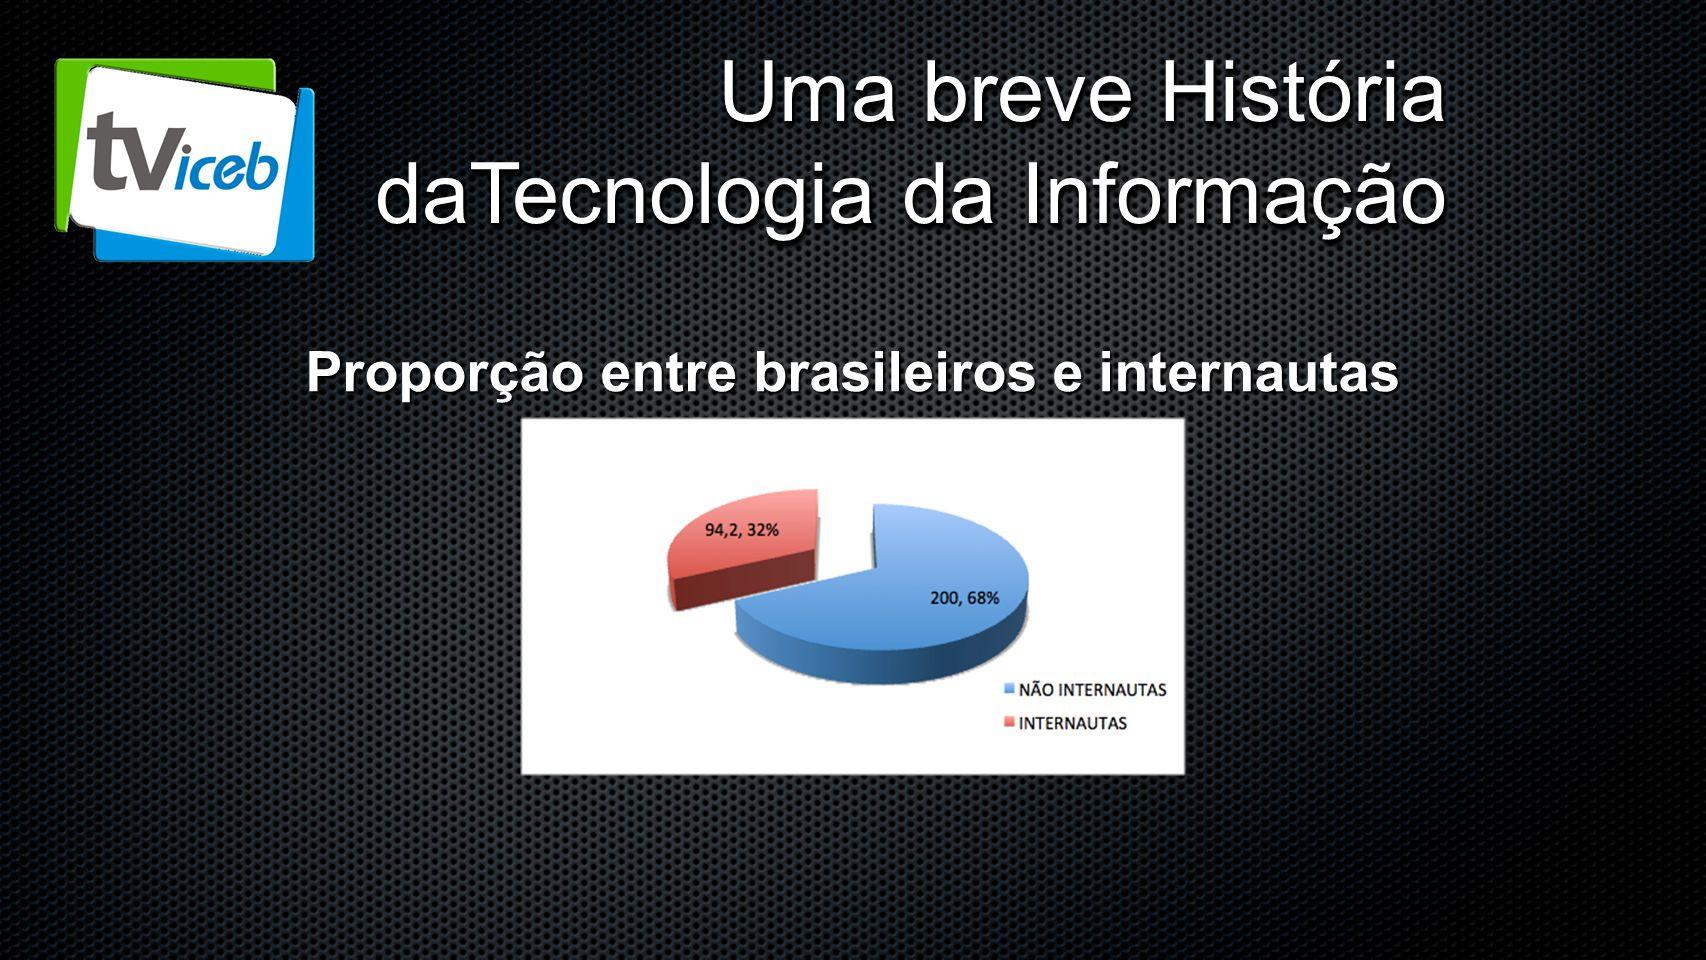 Proporção entre brasileiros e internautas